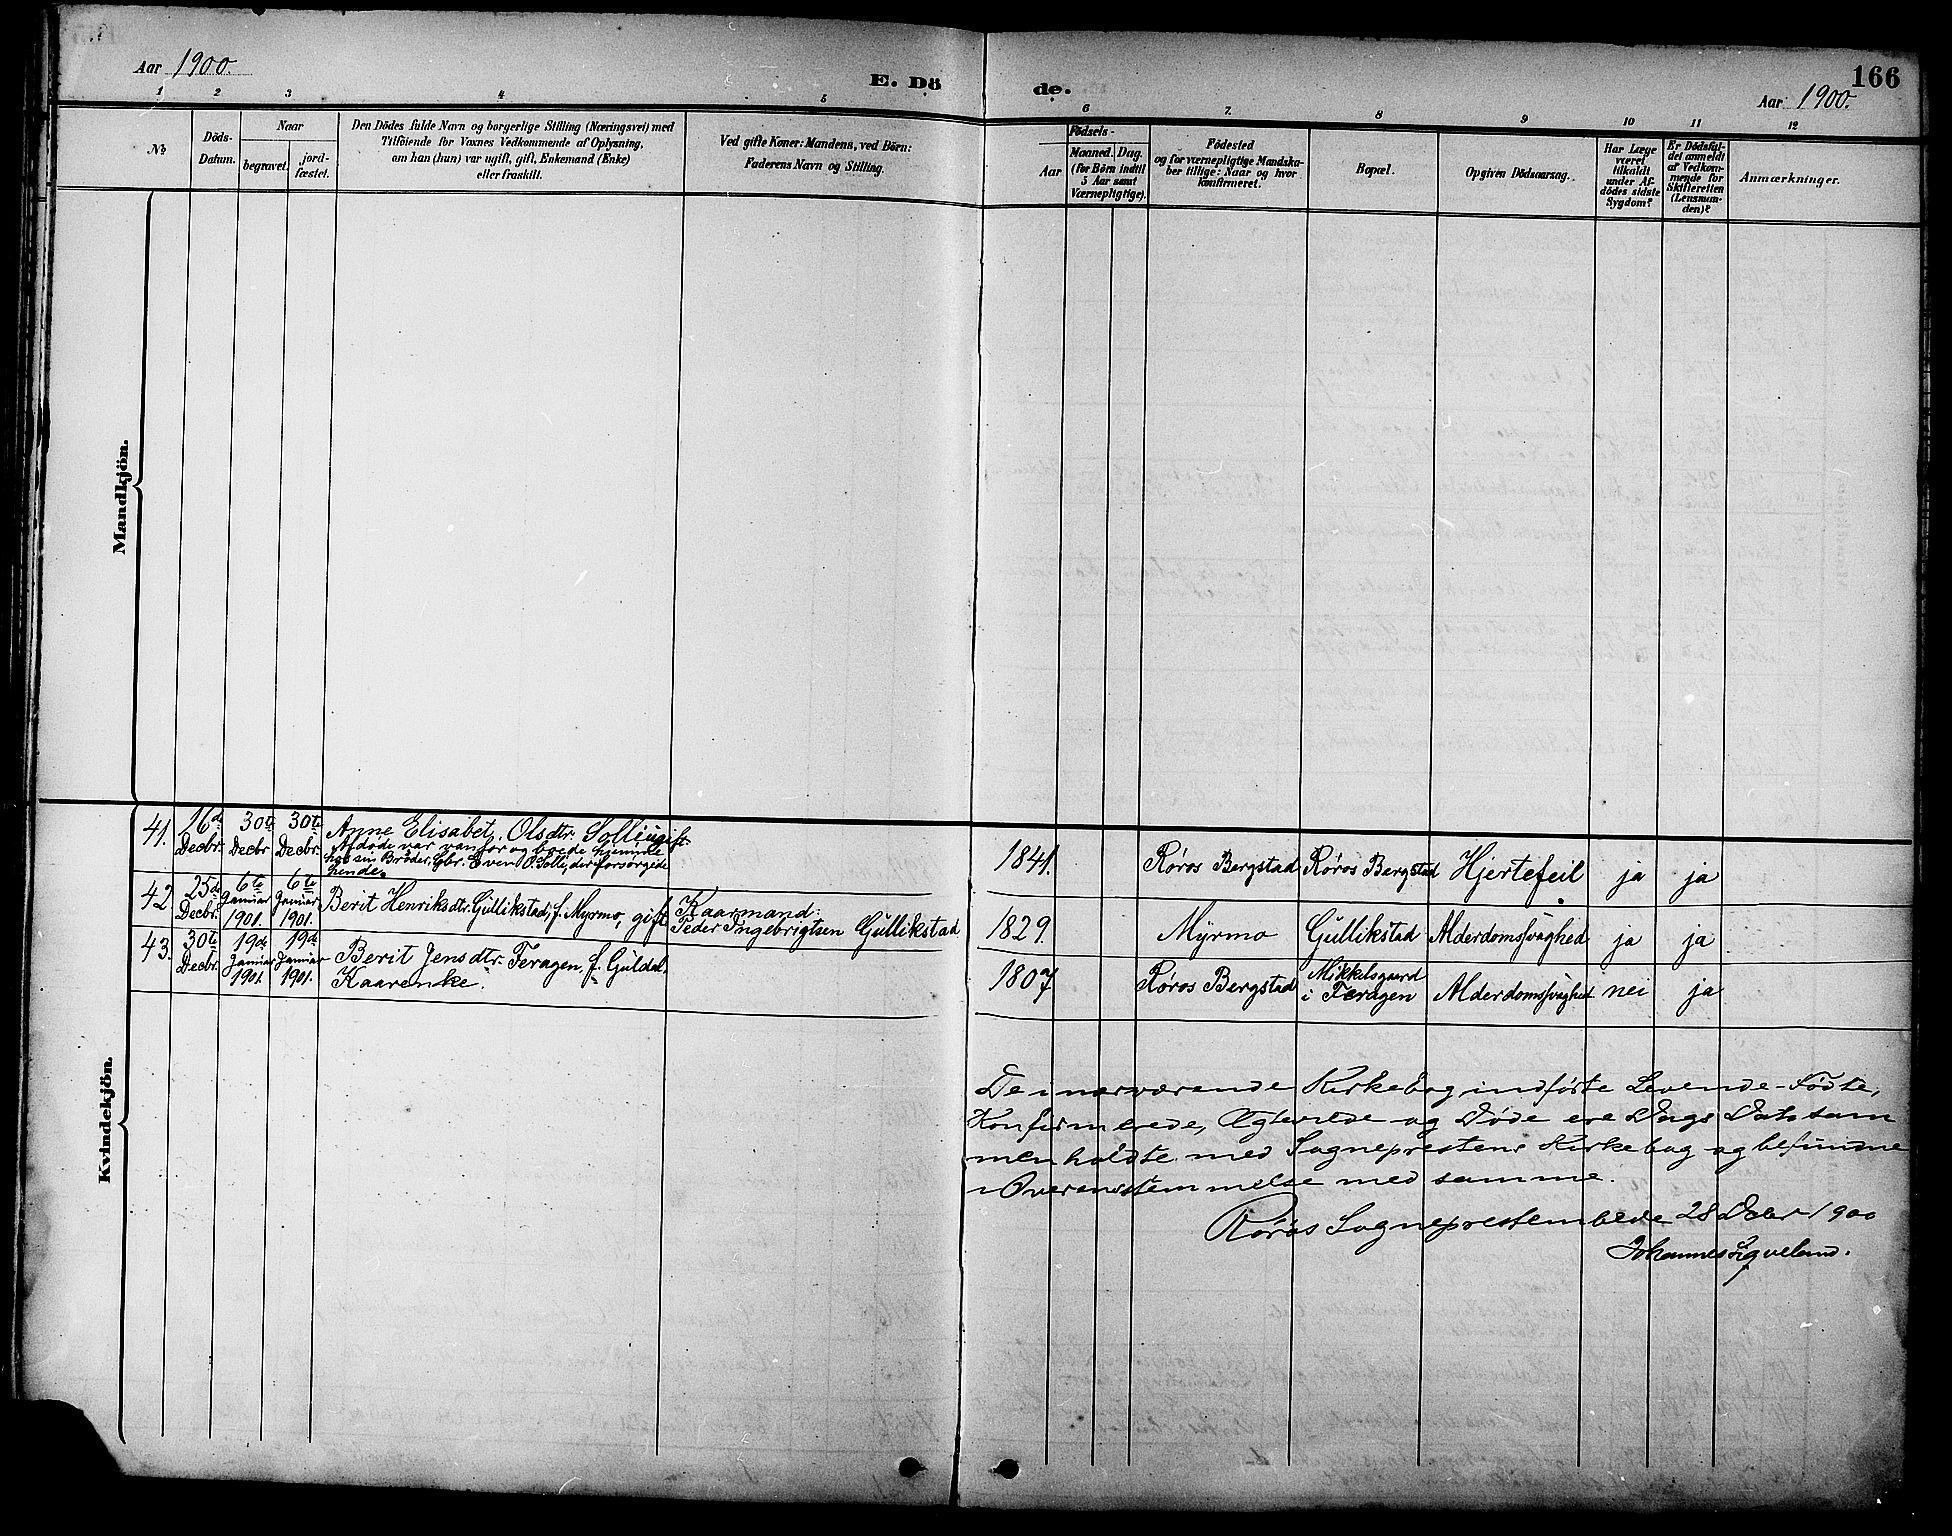 SAT, Ministerialprotokoller, klokkerbøker og fødselsregistre - Sør-Trøndelag, 681/L0941: Klokkerbok nr. 681C05, 1896-1905, s. 166